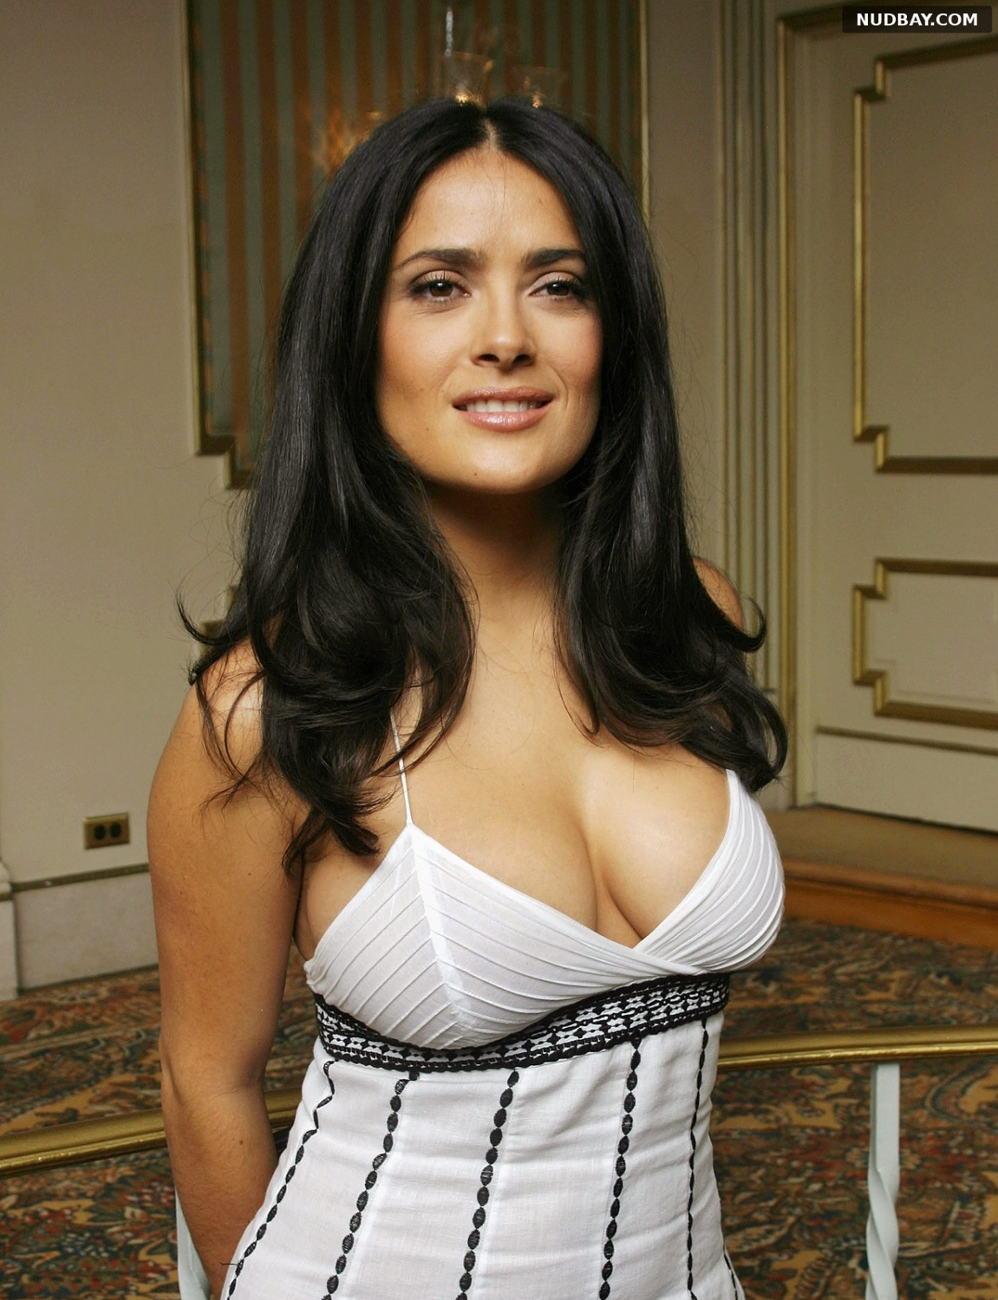 Salma Hayek cleavage big boobs in white dress 2021